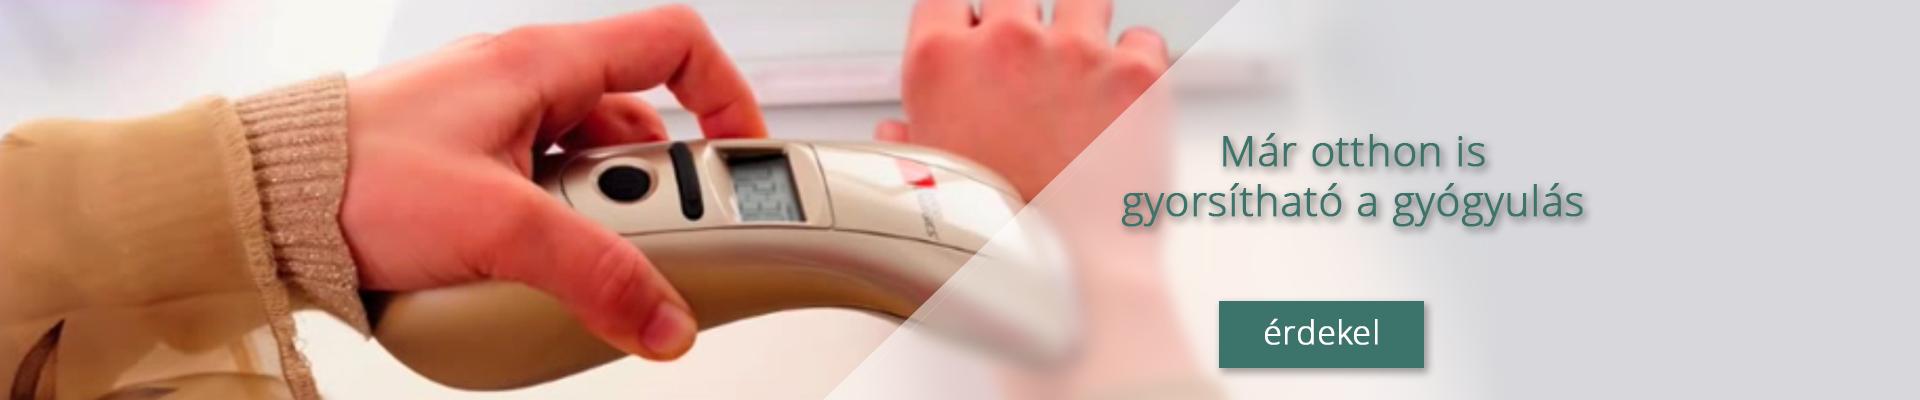 Fájdalomcsillapítás? Gyulladáscsökkentés? Sebgyógyítás? Mindez otthon, mégis precízen és kényelmesen? Mellékhatások nélkül és klinikailag igazolt hatásfokkal?